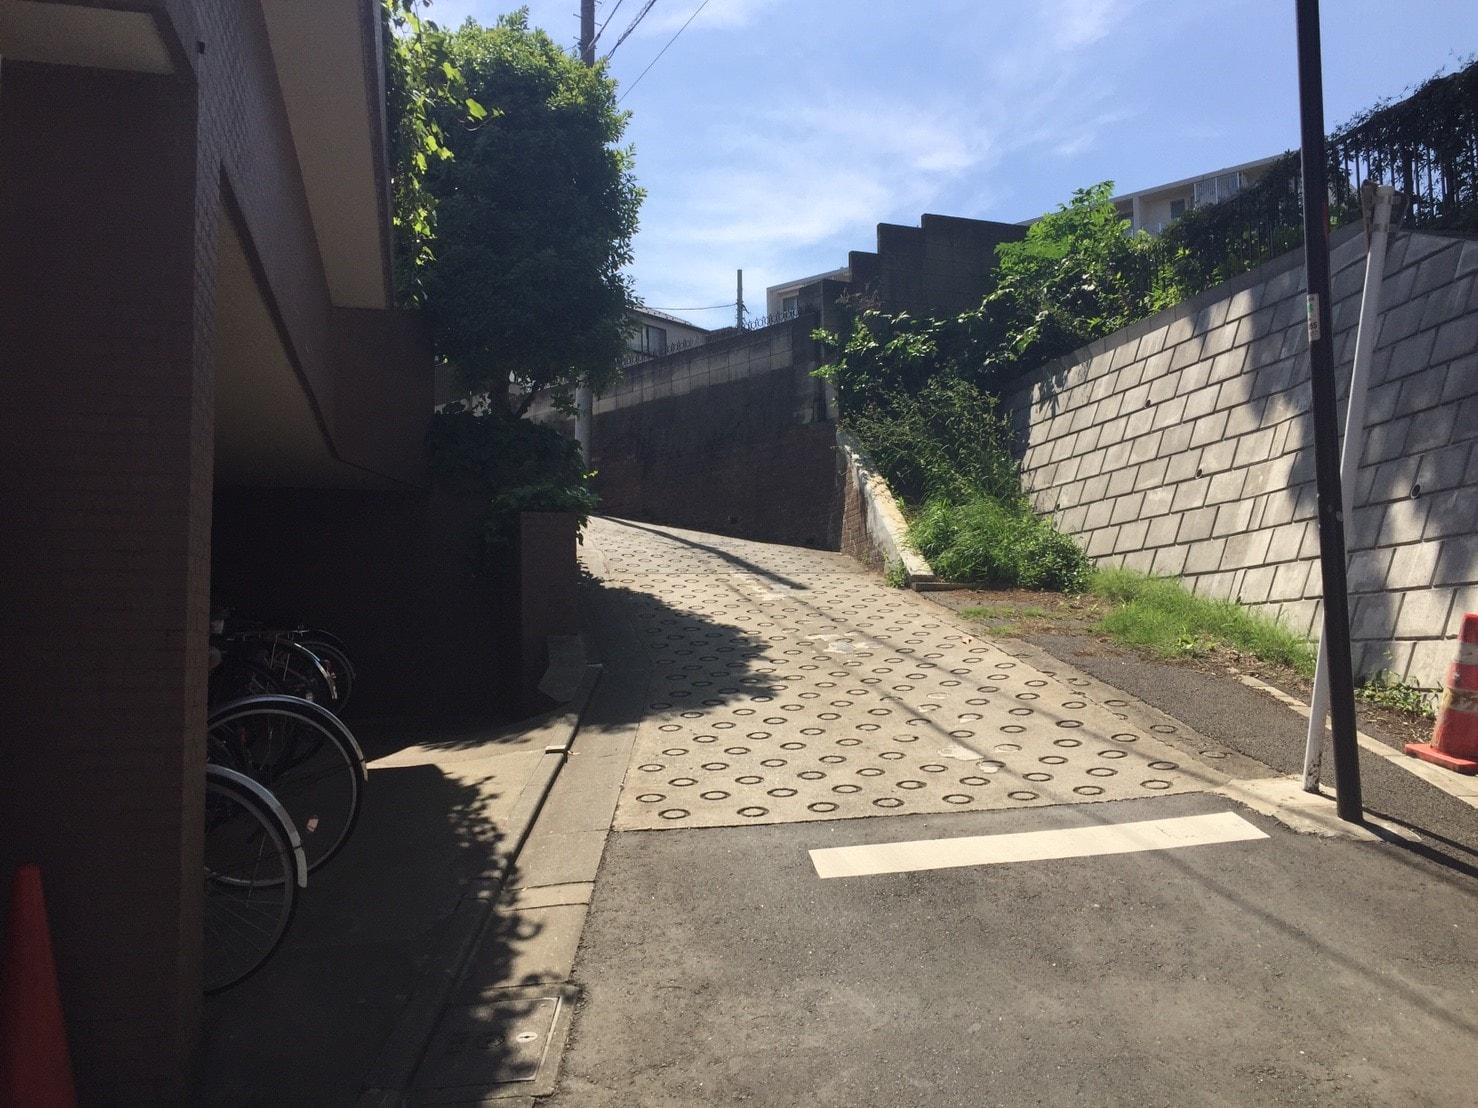 住宅街にある急な坂